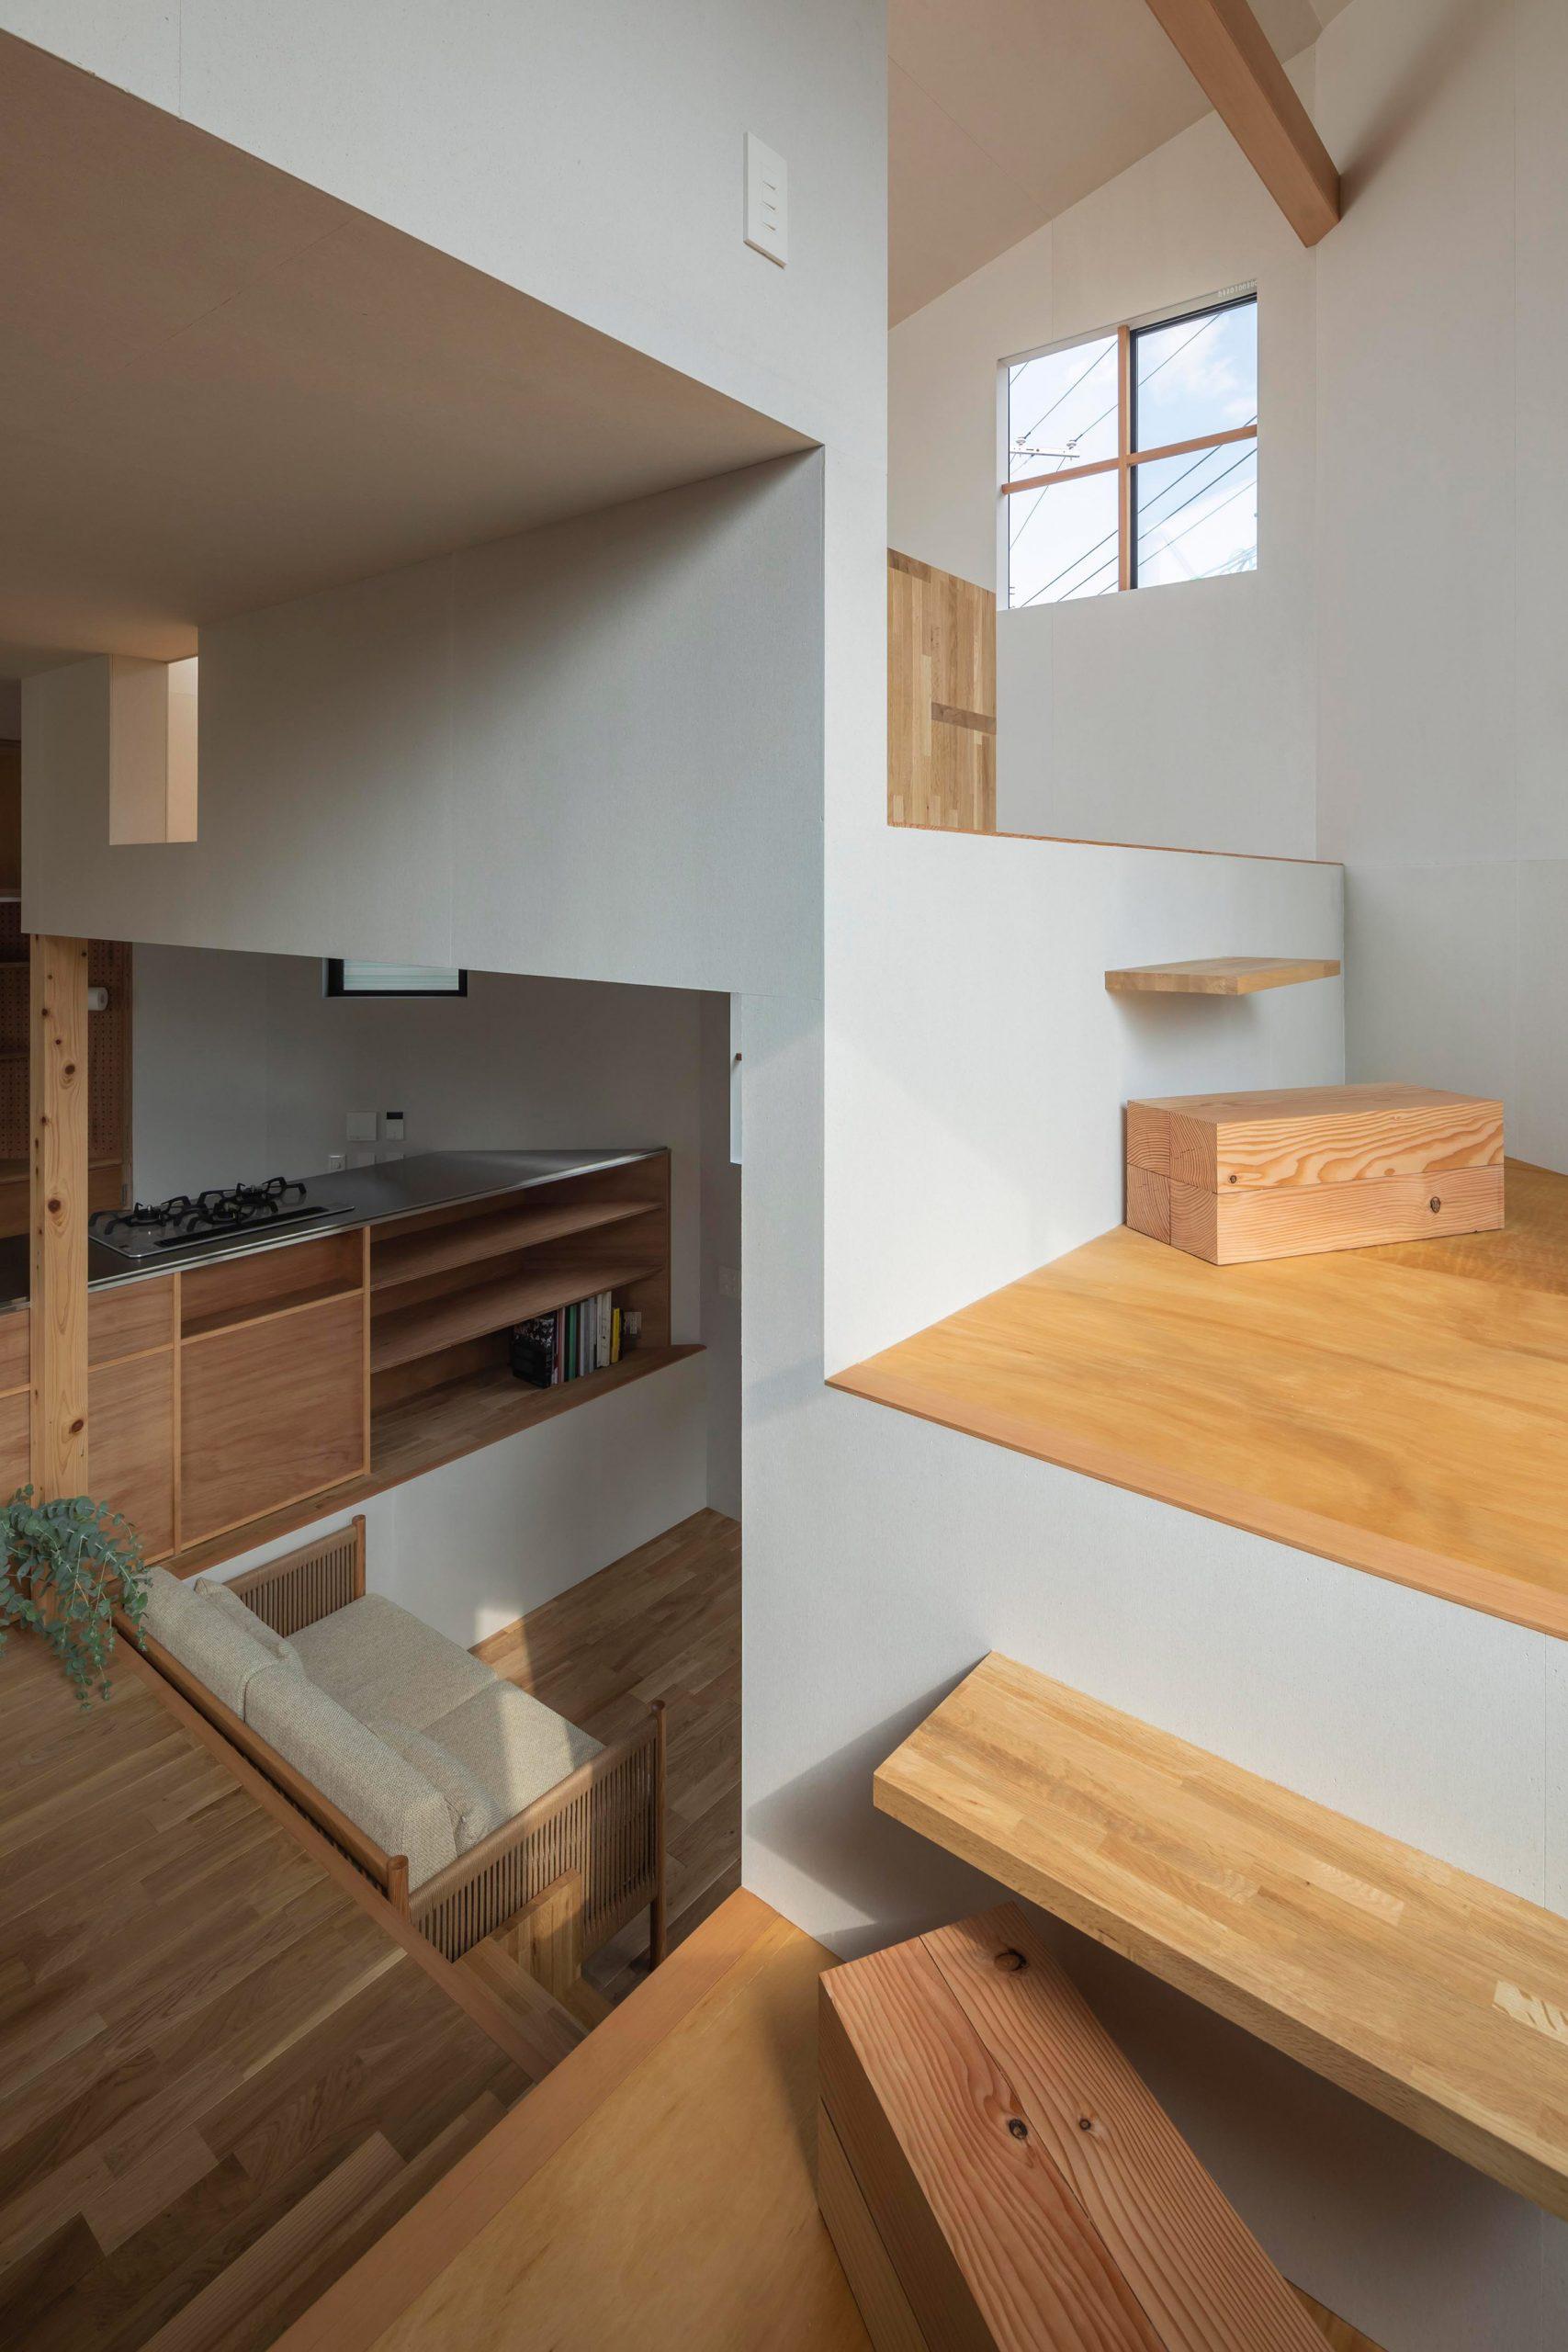 Thiết kế nội thất căn hộ nhỏ 14